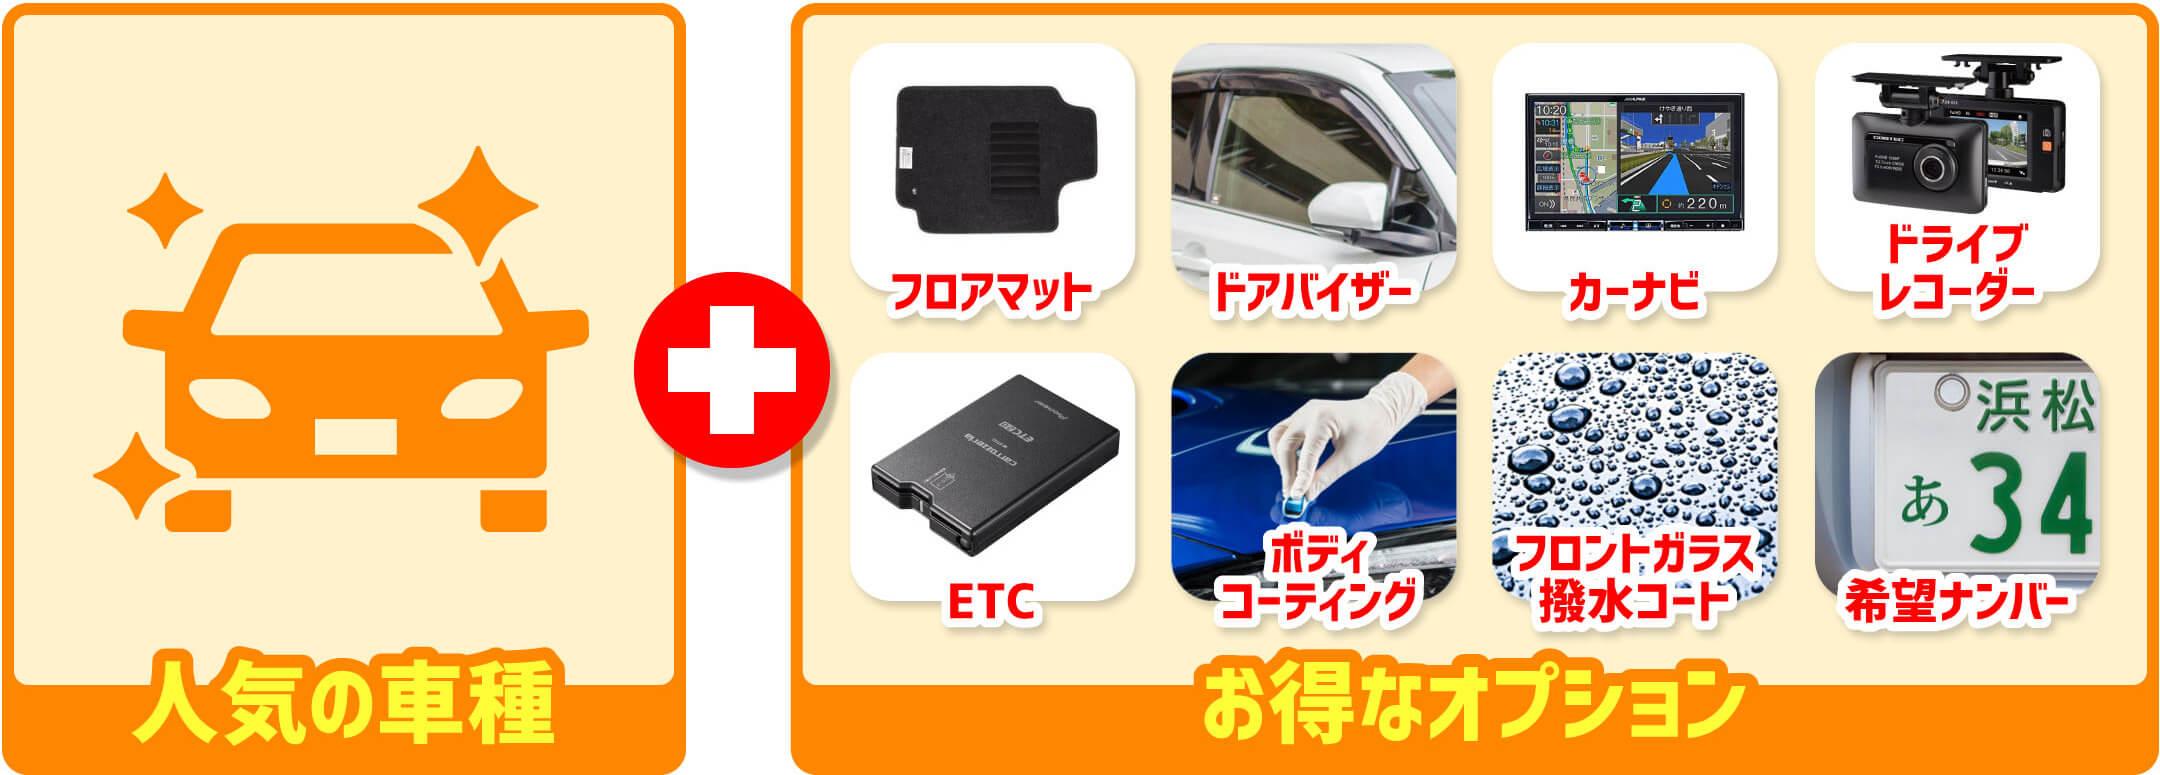 人気の車種+お得なオプション フロアマット ドアバイザー カーナビ ドライブレコーダー ETC ボディコーティング フロントガラス撥水コート 希望ナンバー